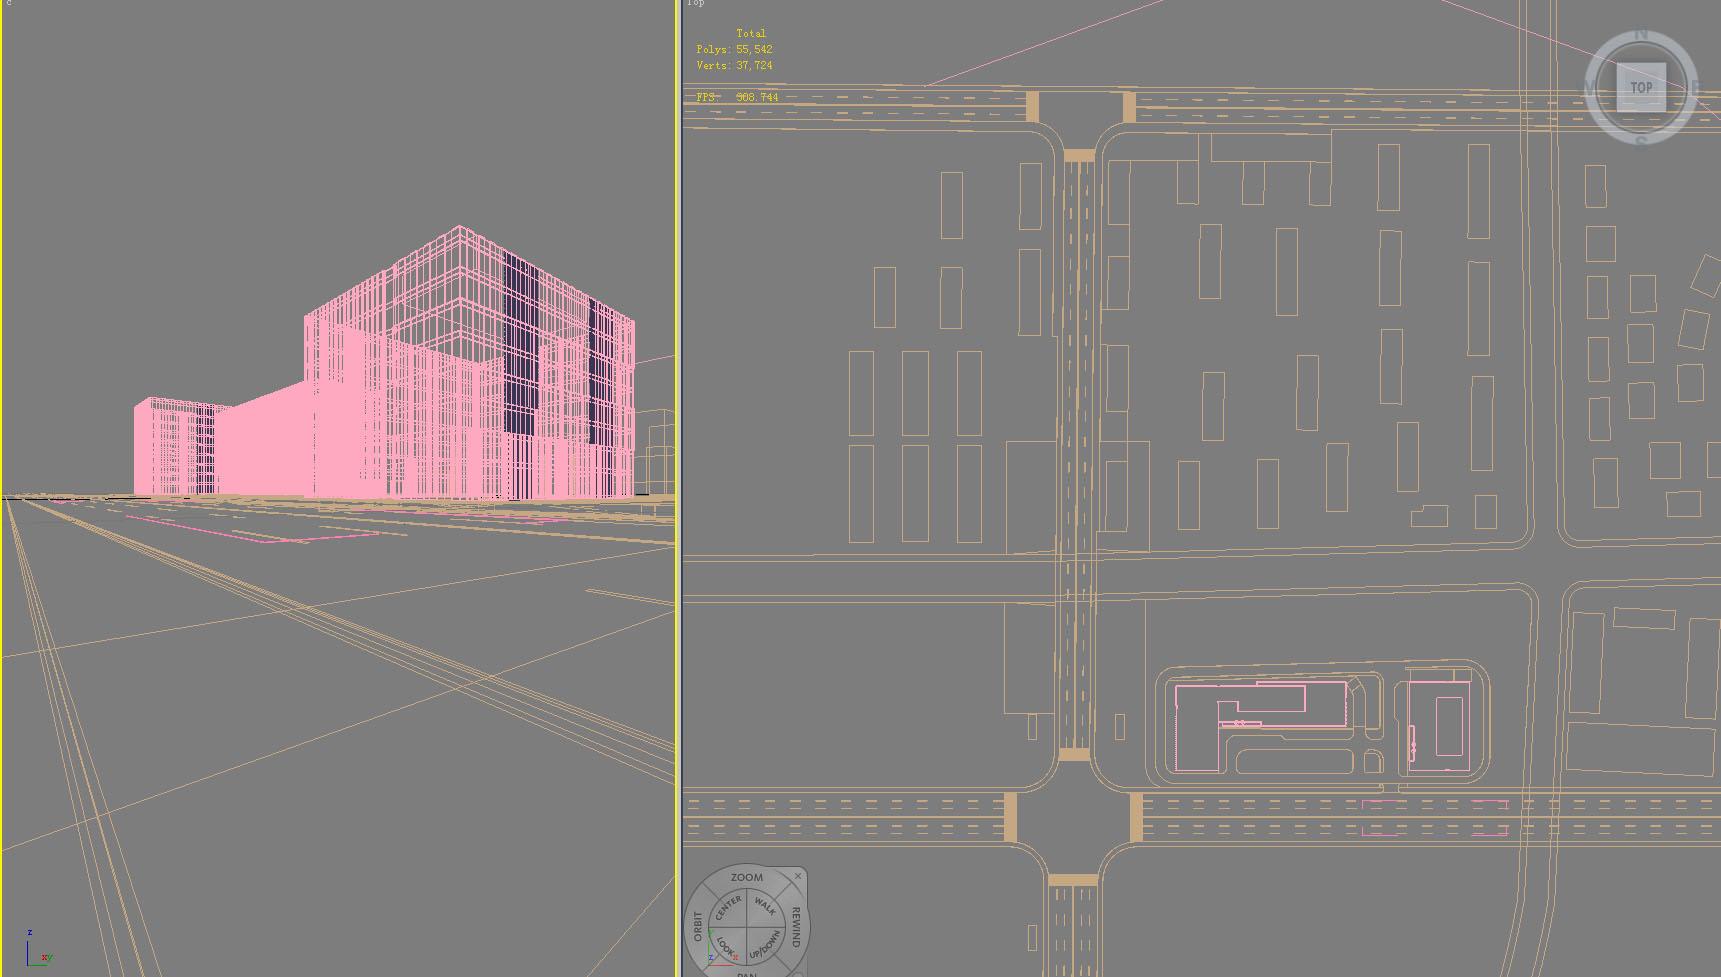 building 831 3d model max psd 123236